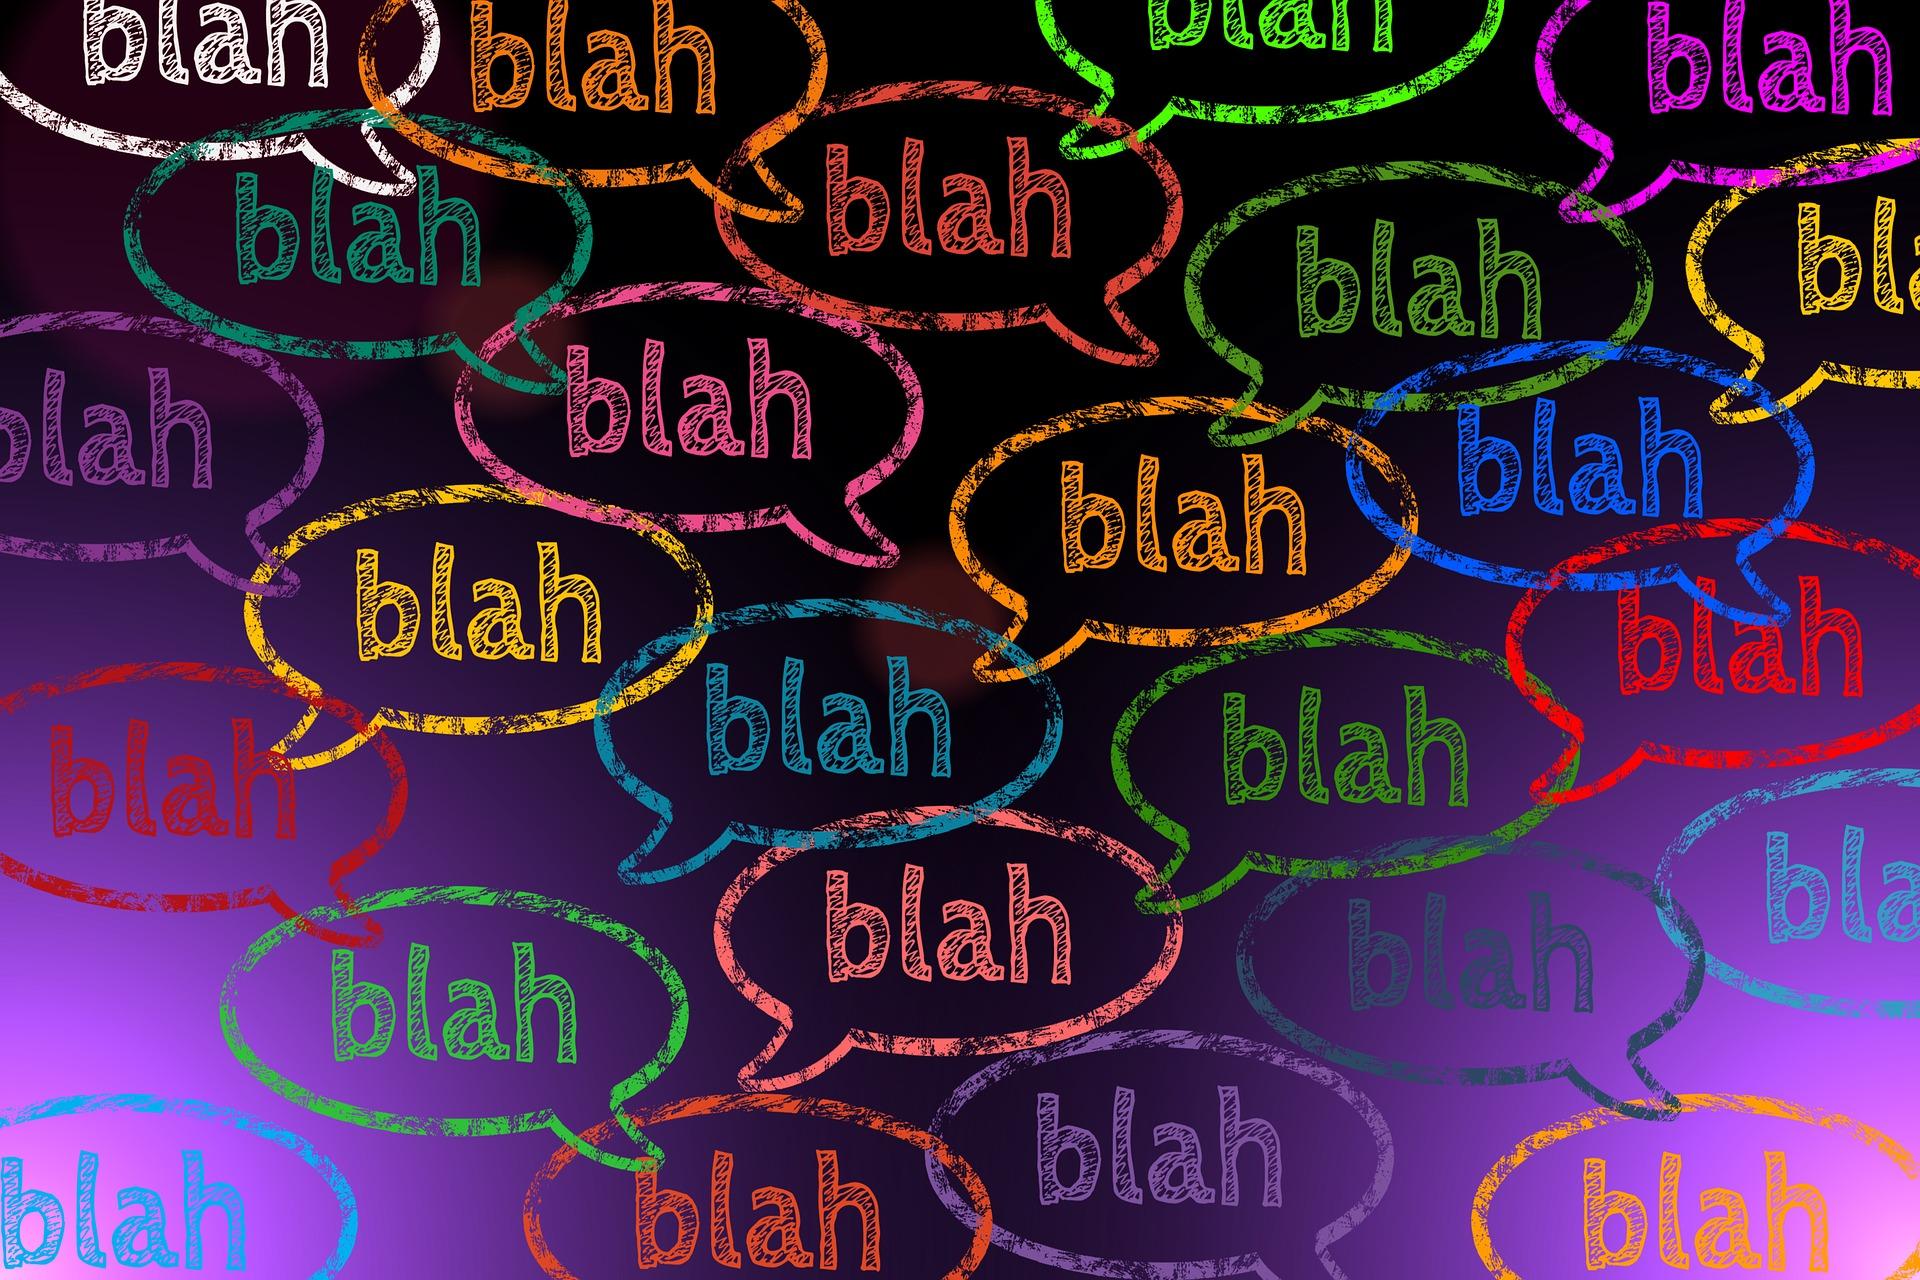 """Giornalismo """"non serio"""", perché tanto odio per il gossip?"""